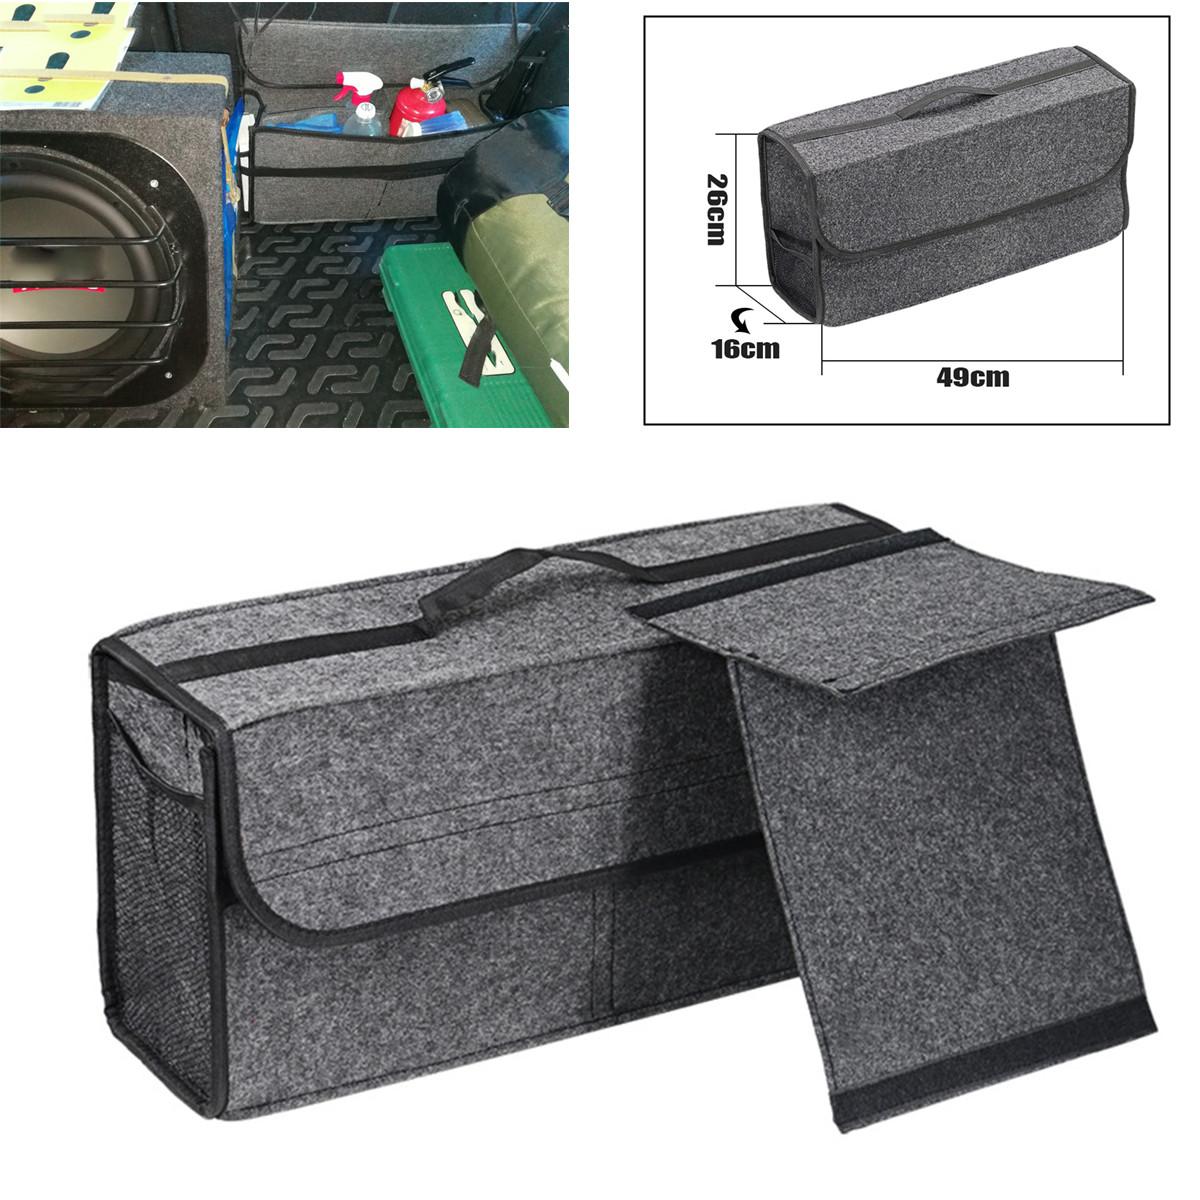 Partition Car Felt Storage Box Trunk Bag Organizer Bag